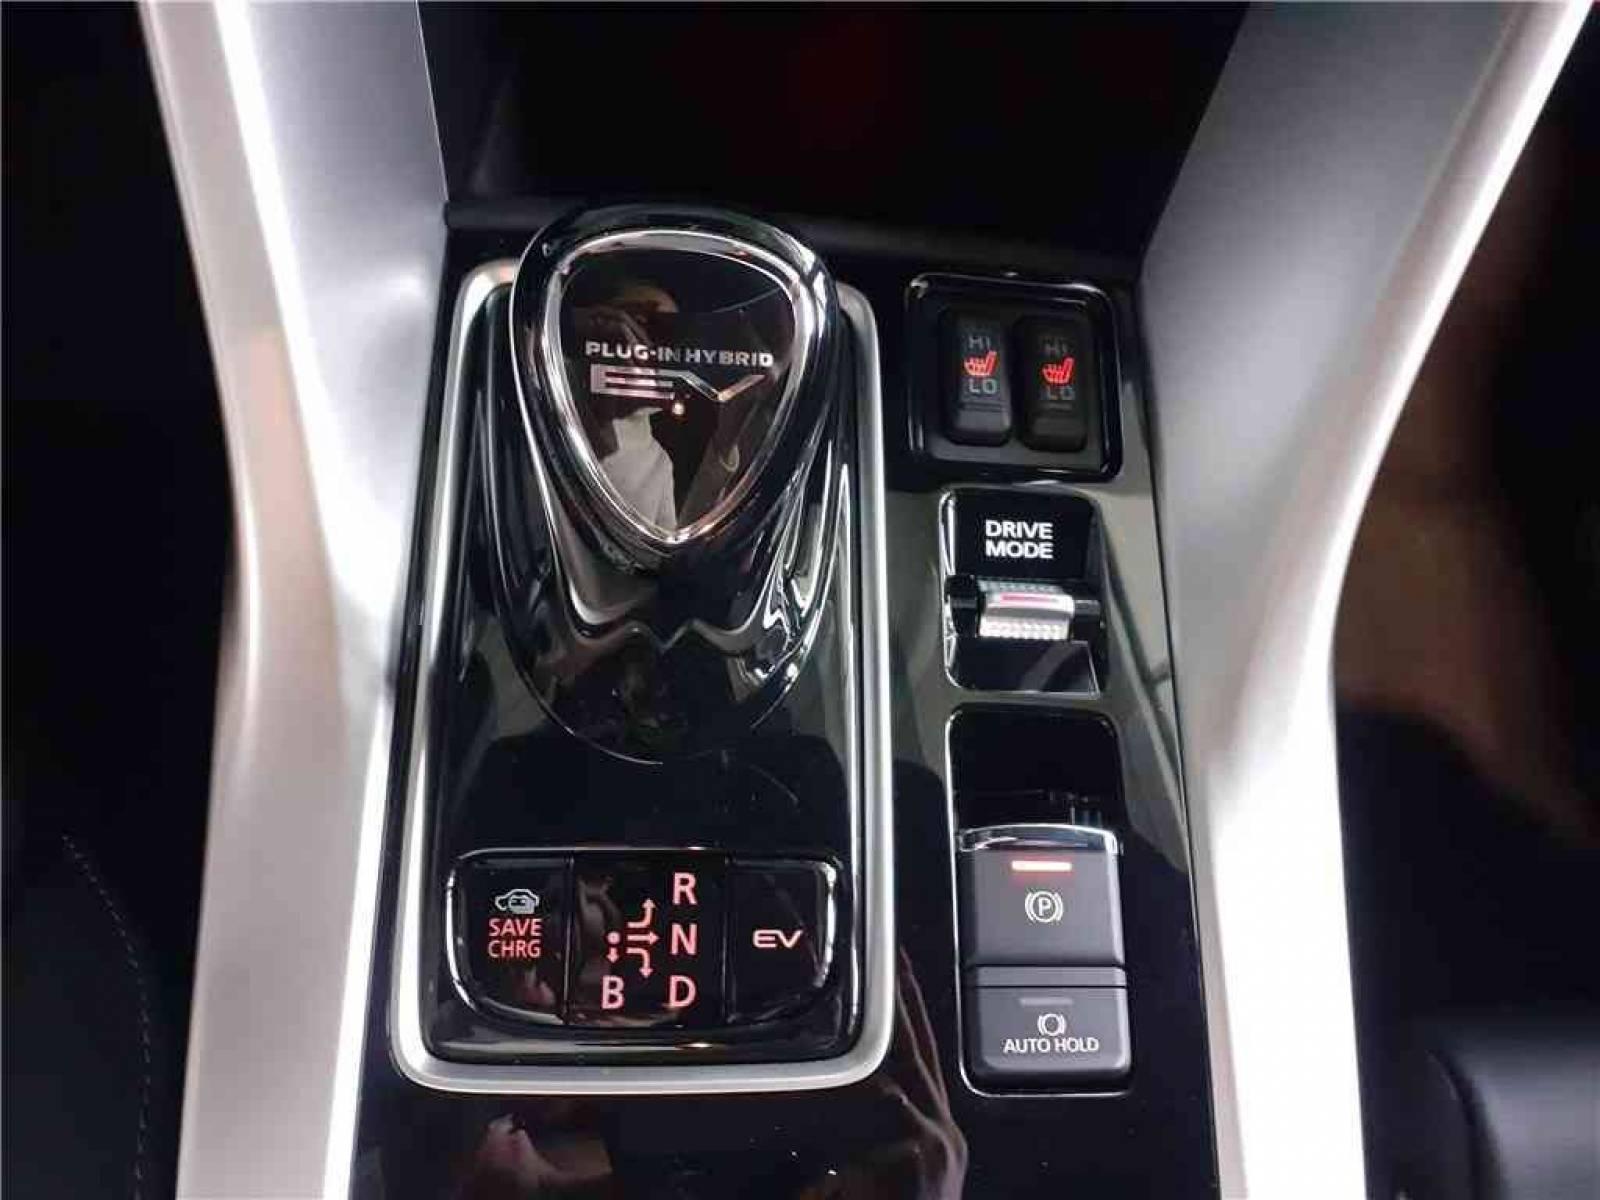 MITSUBISHI Eclipse Cross 2.4 MIVEC PHEV Twin Motor 4WD - véhicule d'occasion - Groupe Guillet - Hall de l'automobile - Chalon sur Saône - 71380 - Saint-Marcel - 2